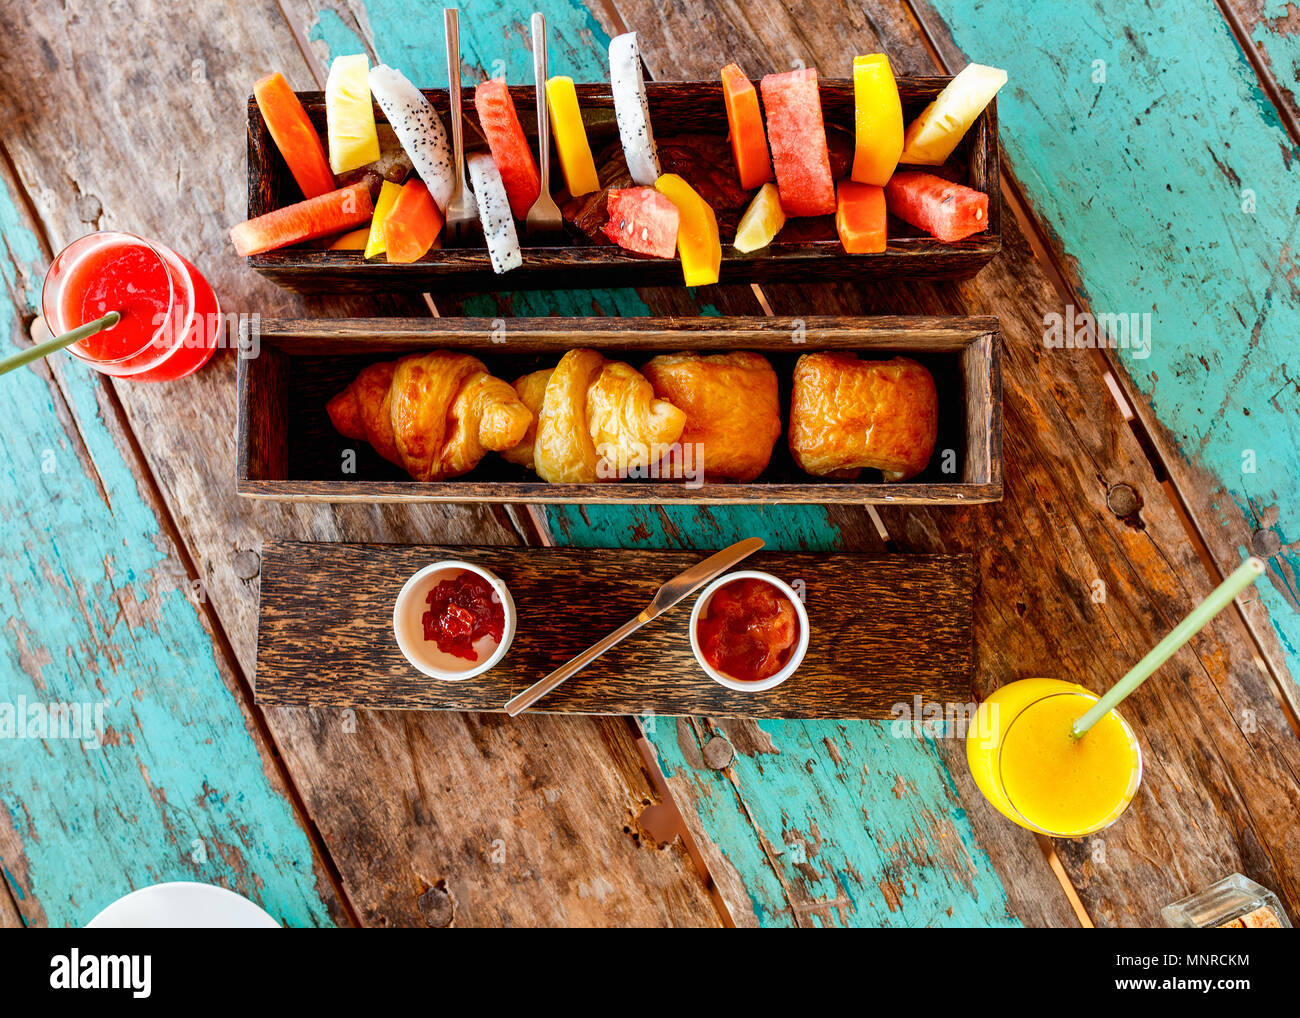 Vista superiore del delizioso cibo organico serviti per colazione sulla tavola in legno rustico. Frutta, succo di frutta, croissant e marmellata laici piana. Immagini Stock